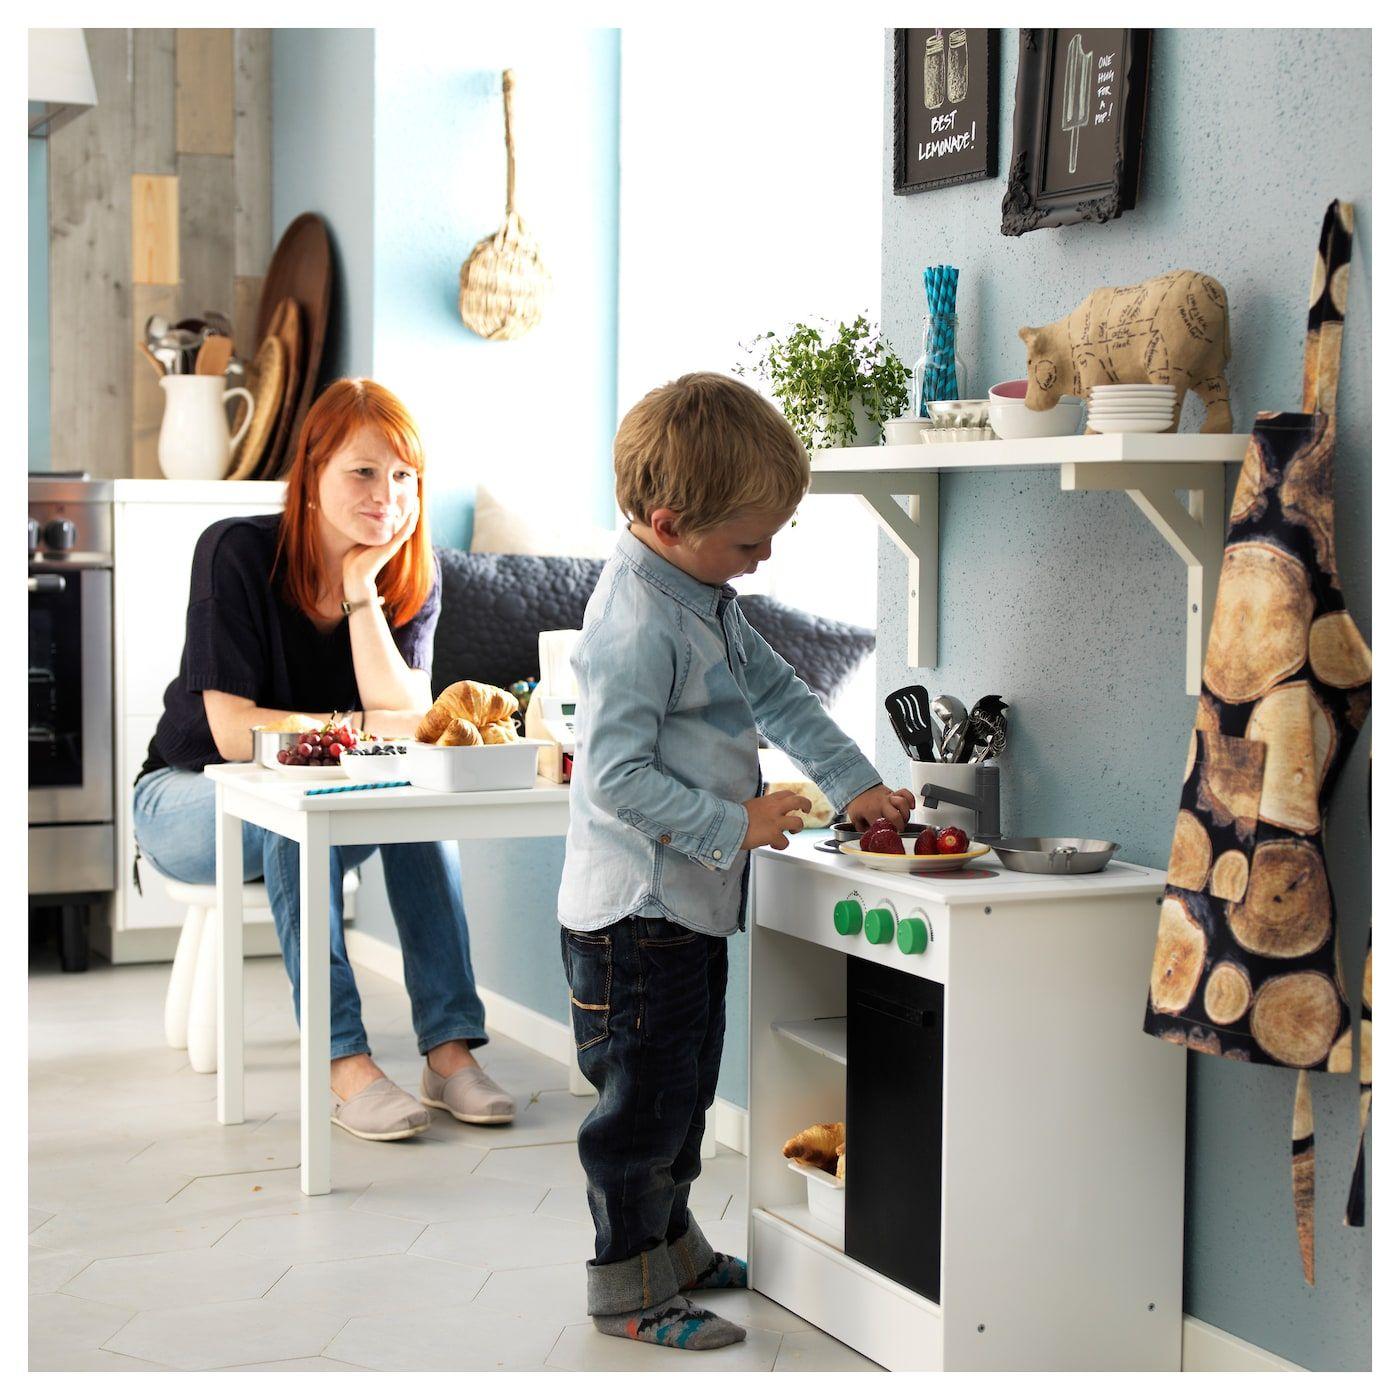 Ikea Nybakad Play Kitchen With Sliding Door White Spielkuche Schiebetur Weiss Und Ikea